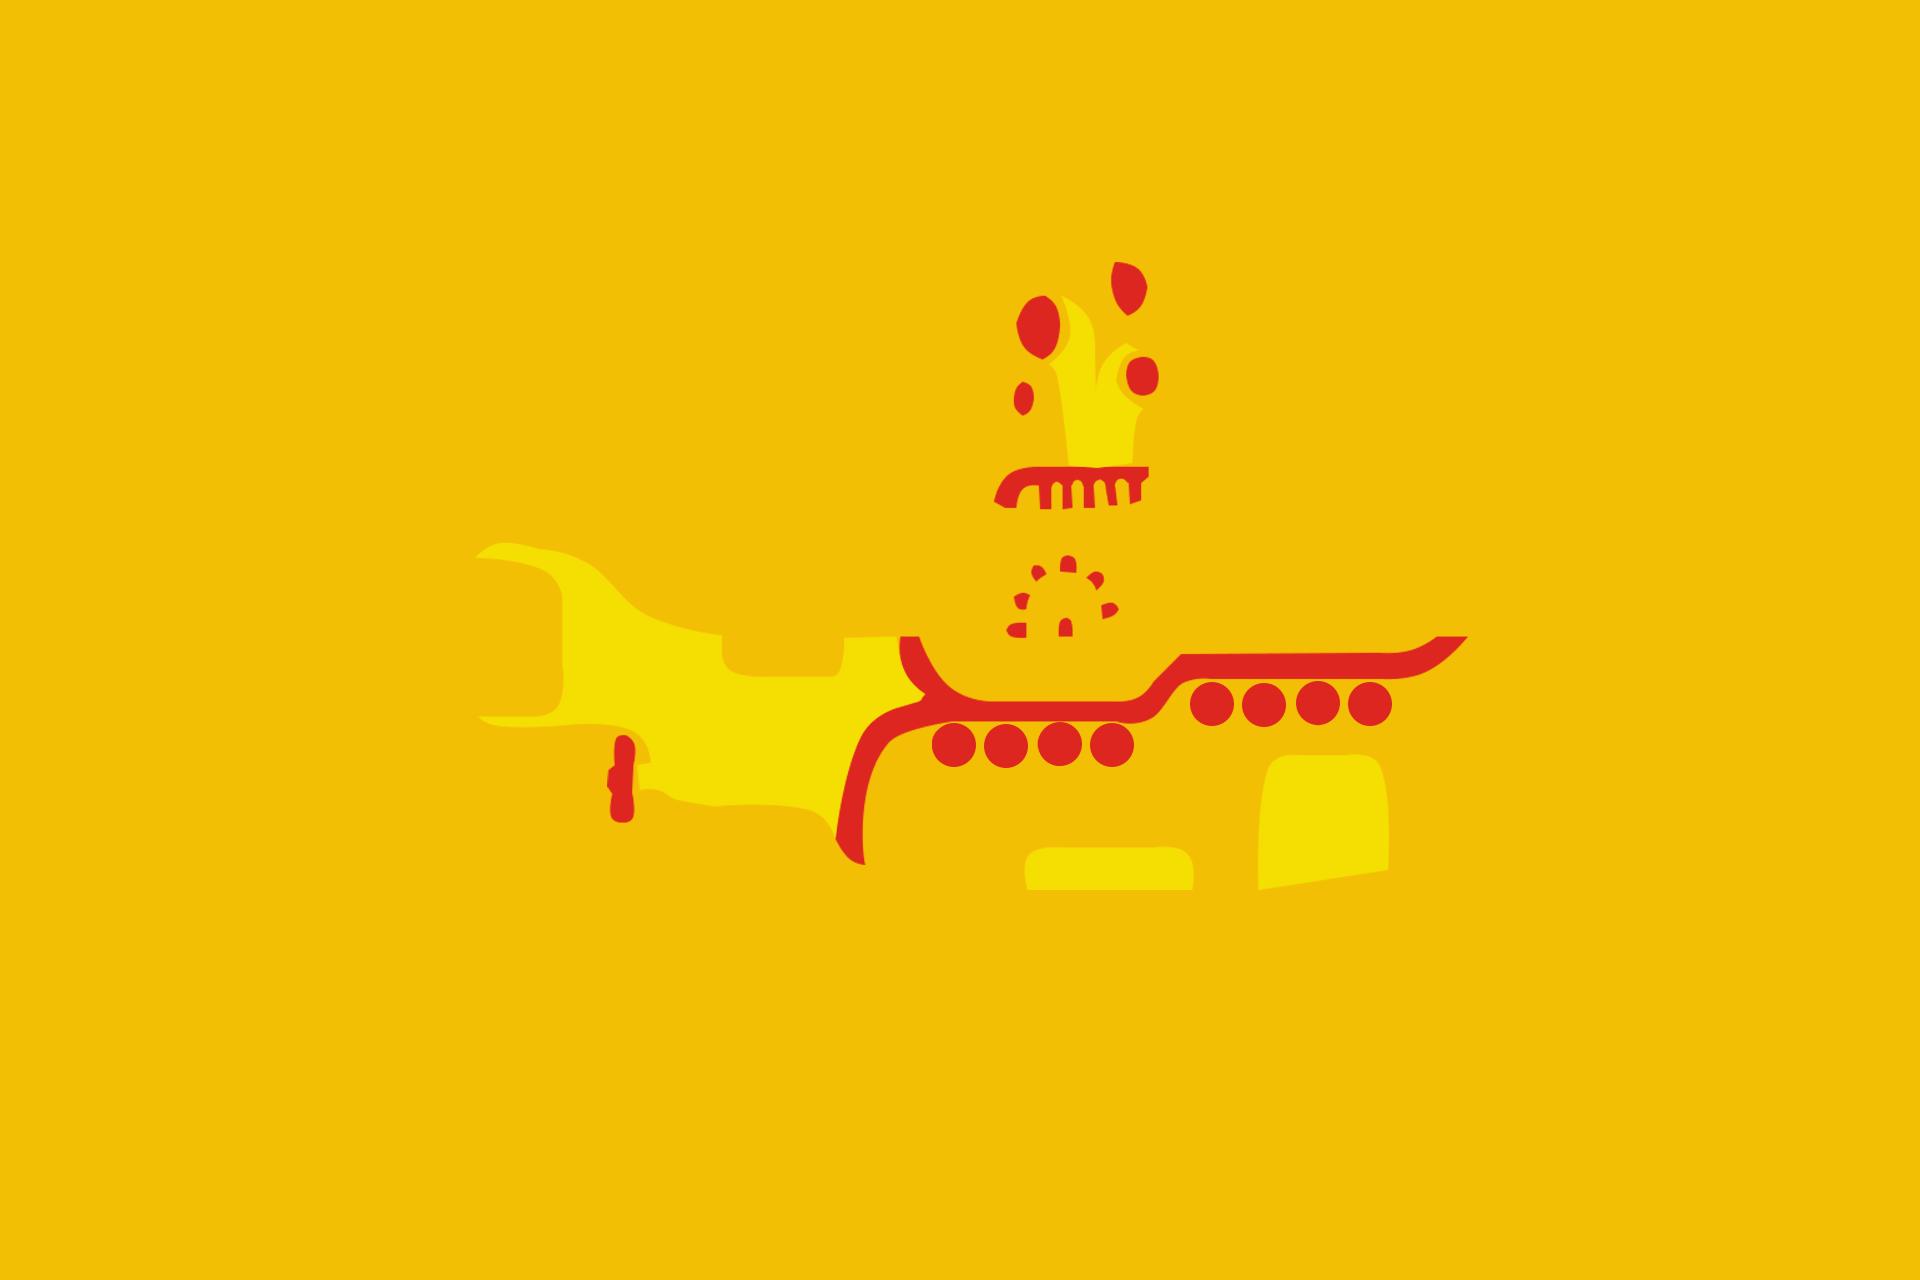 Yellow submarine by jhr921 on deviantART 1920x1280